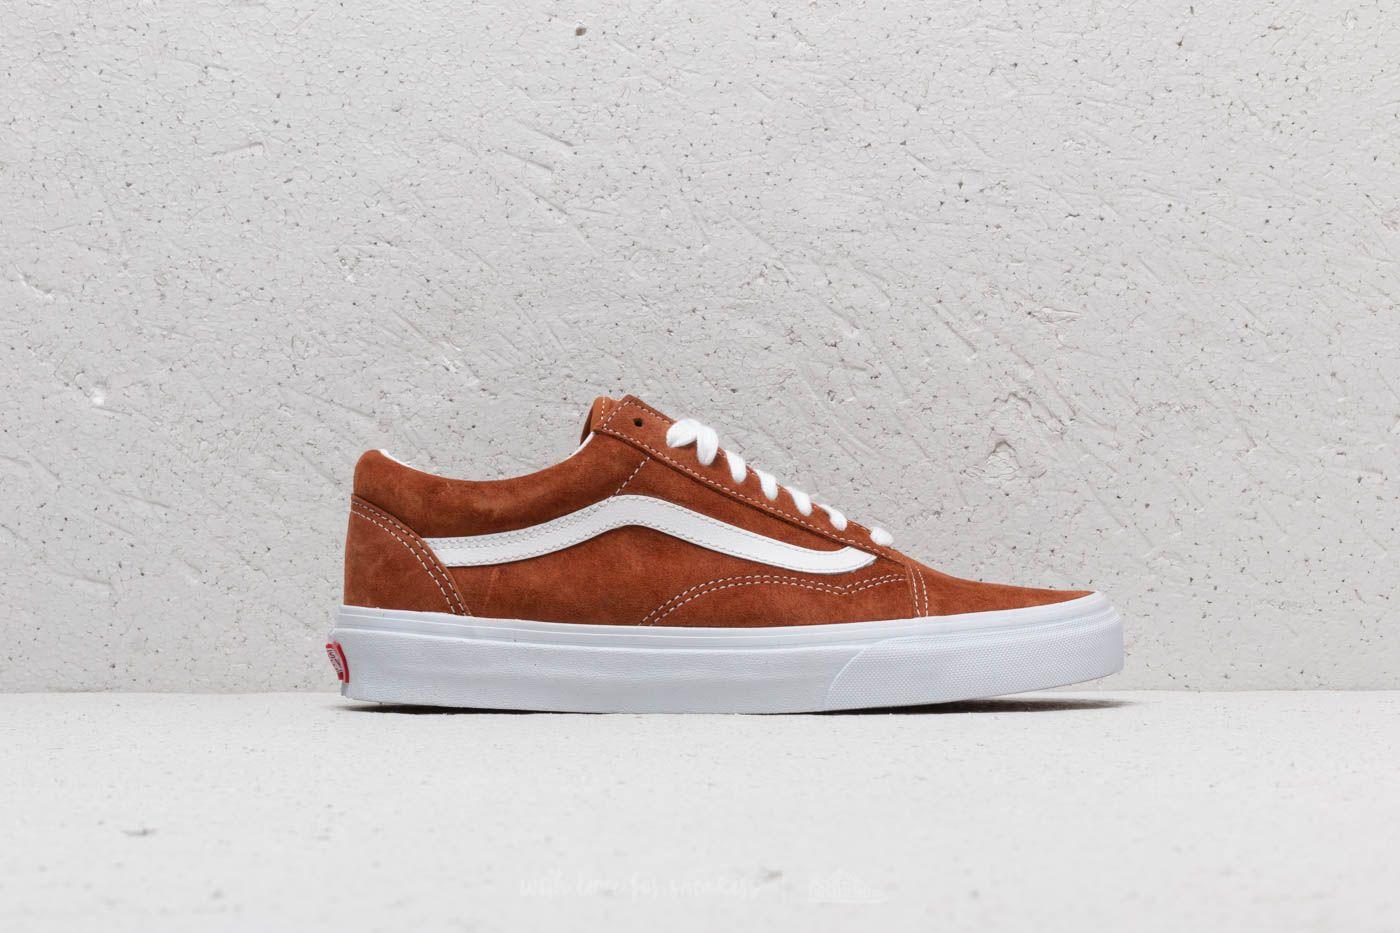 Vans Old Skool Brown Pig Suede Skate Shoes Zumiez  Footshop